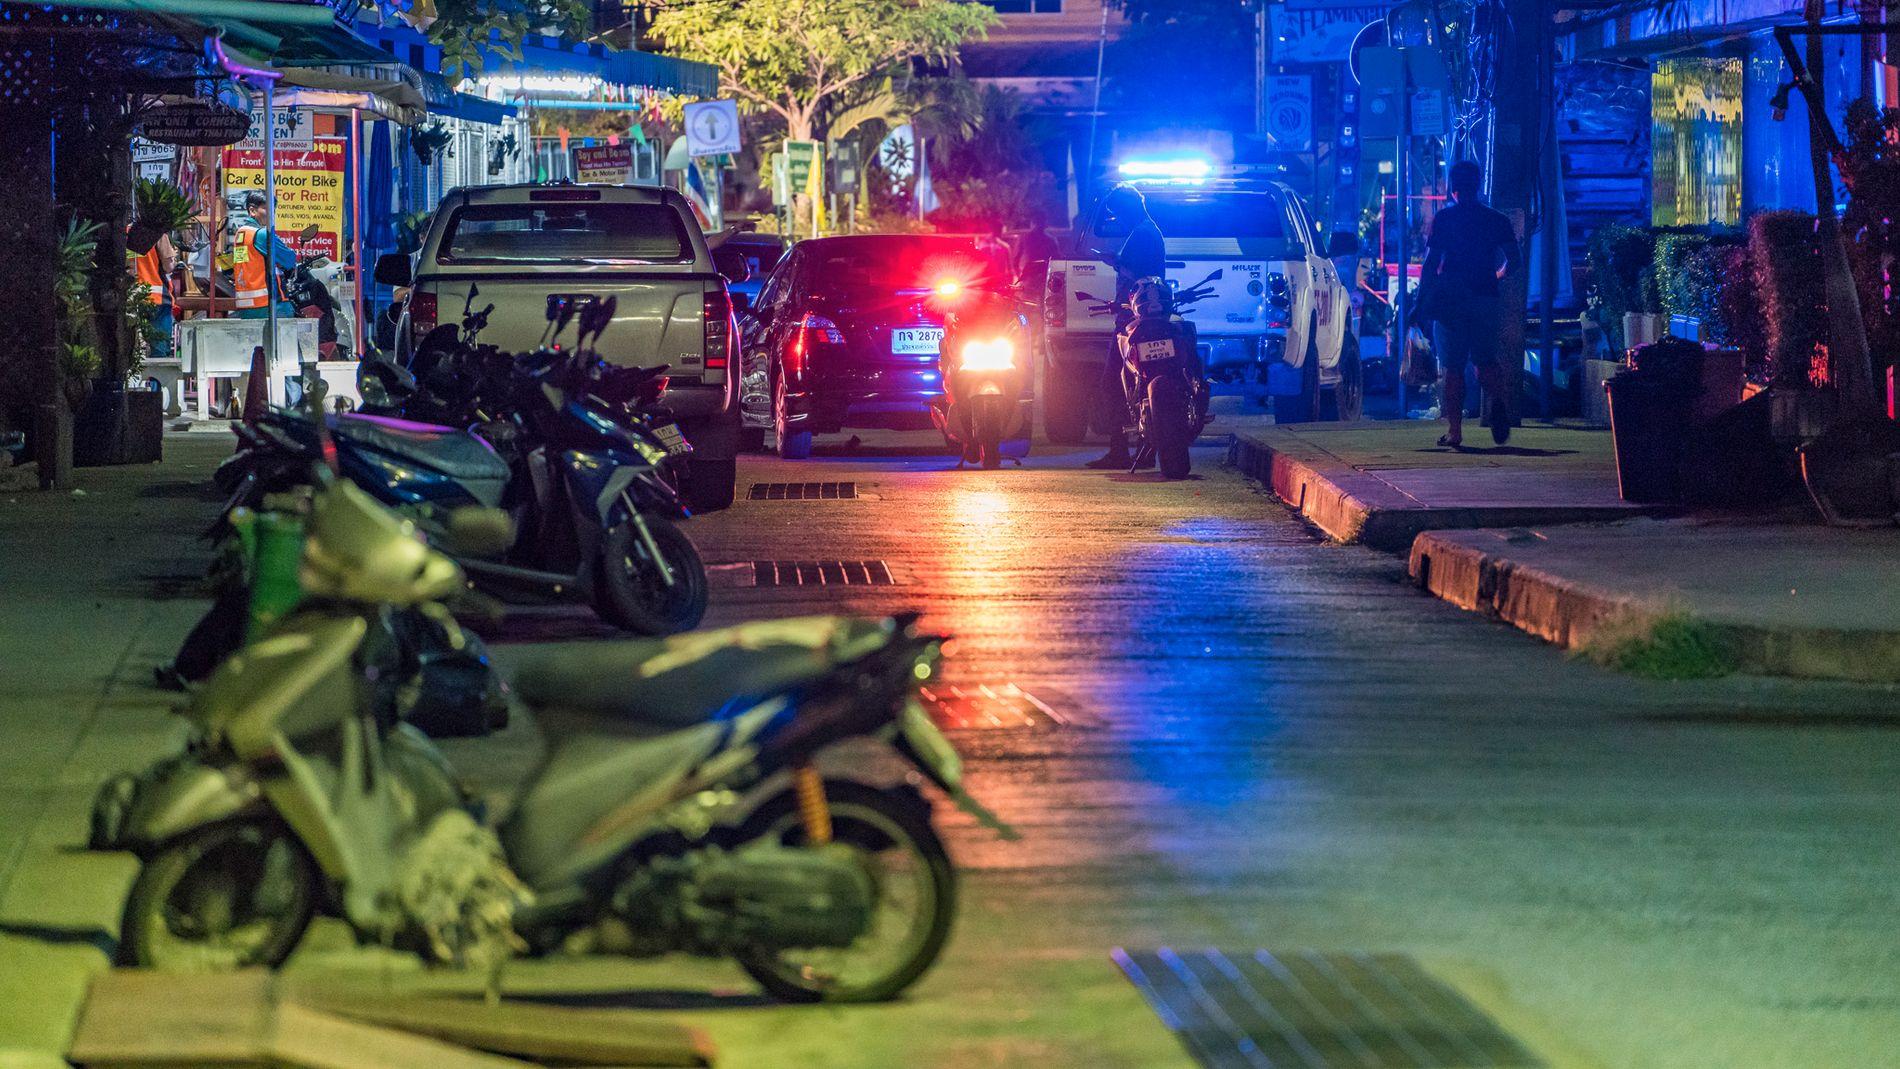 TETT PÅ: Geir Srisoi (49) og kona var bare noen få meter unna der bombene gikk av i Hua Hin i Thailand. Minst én er drept.